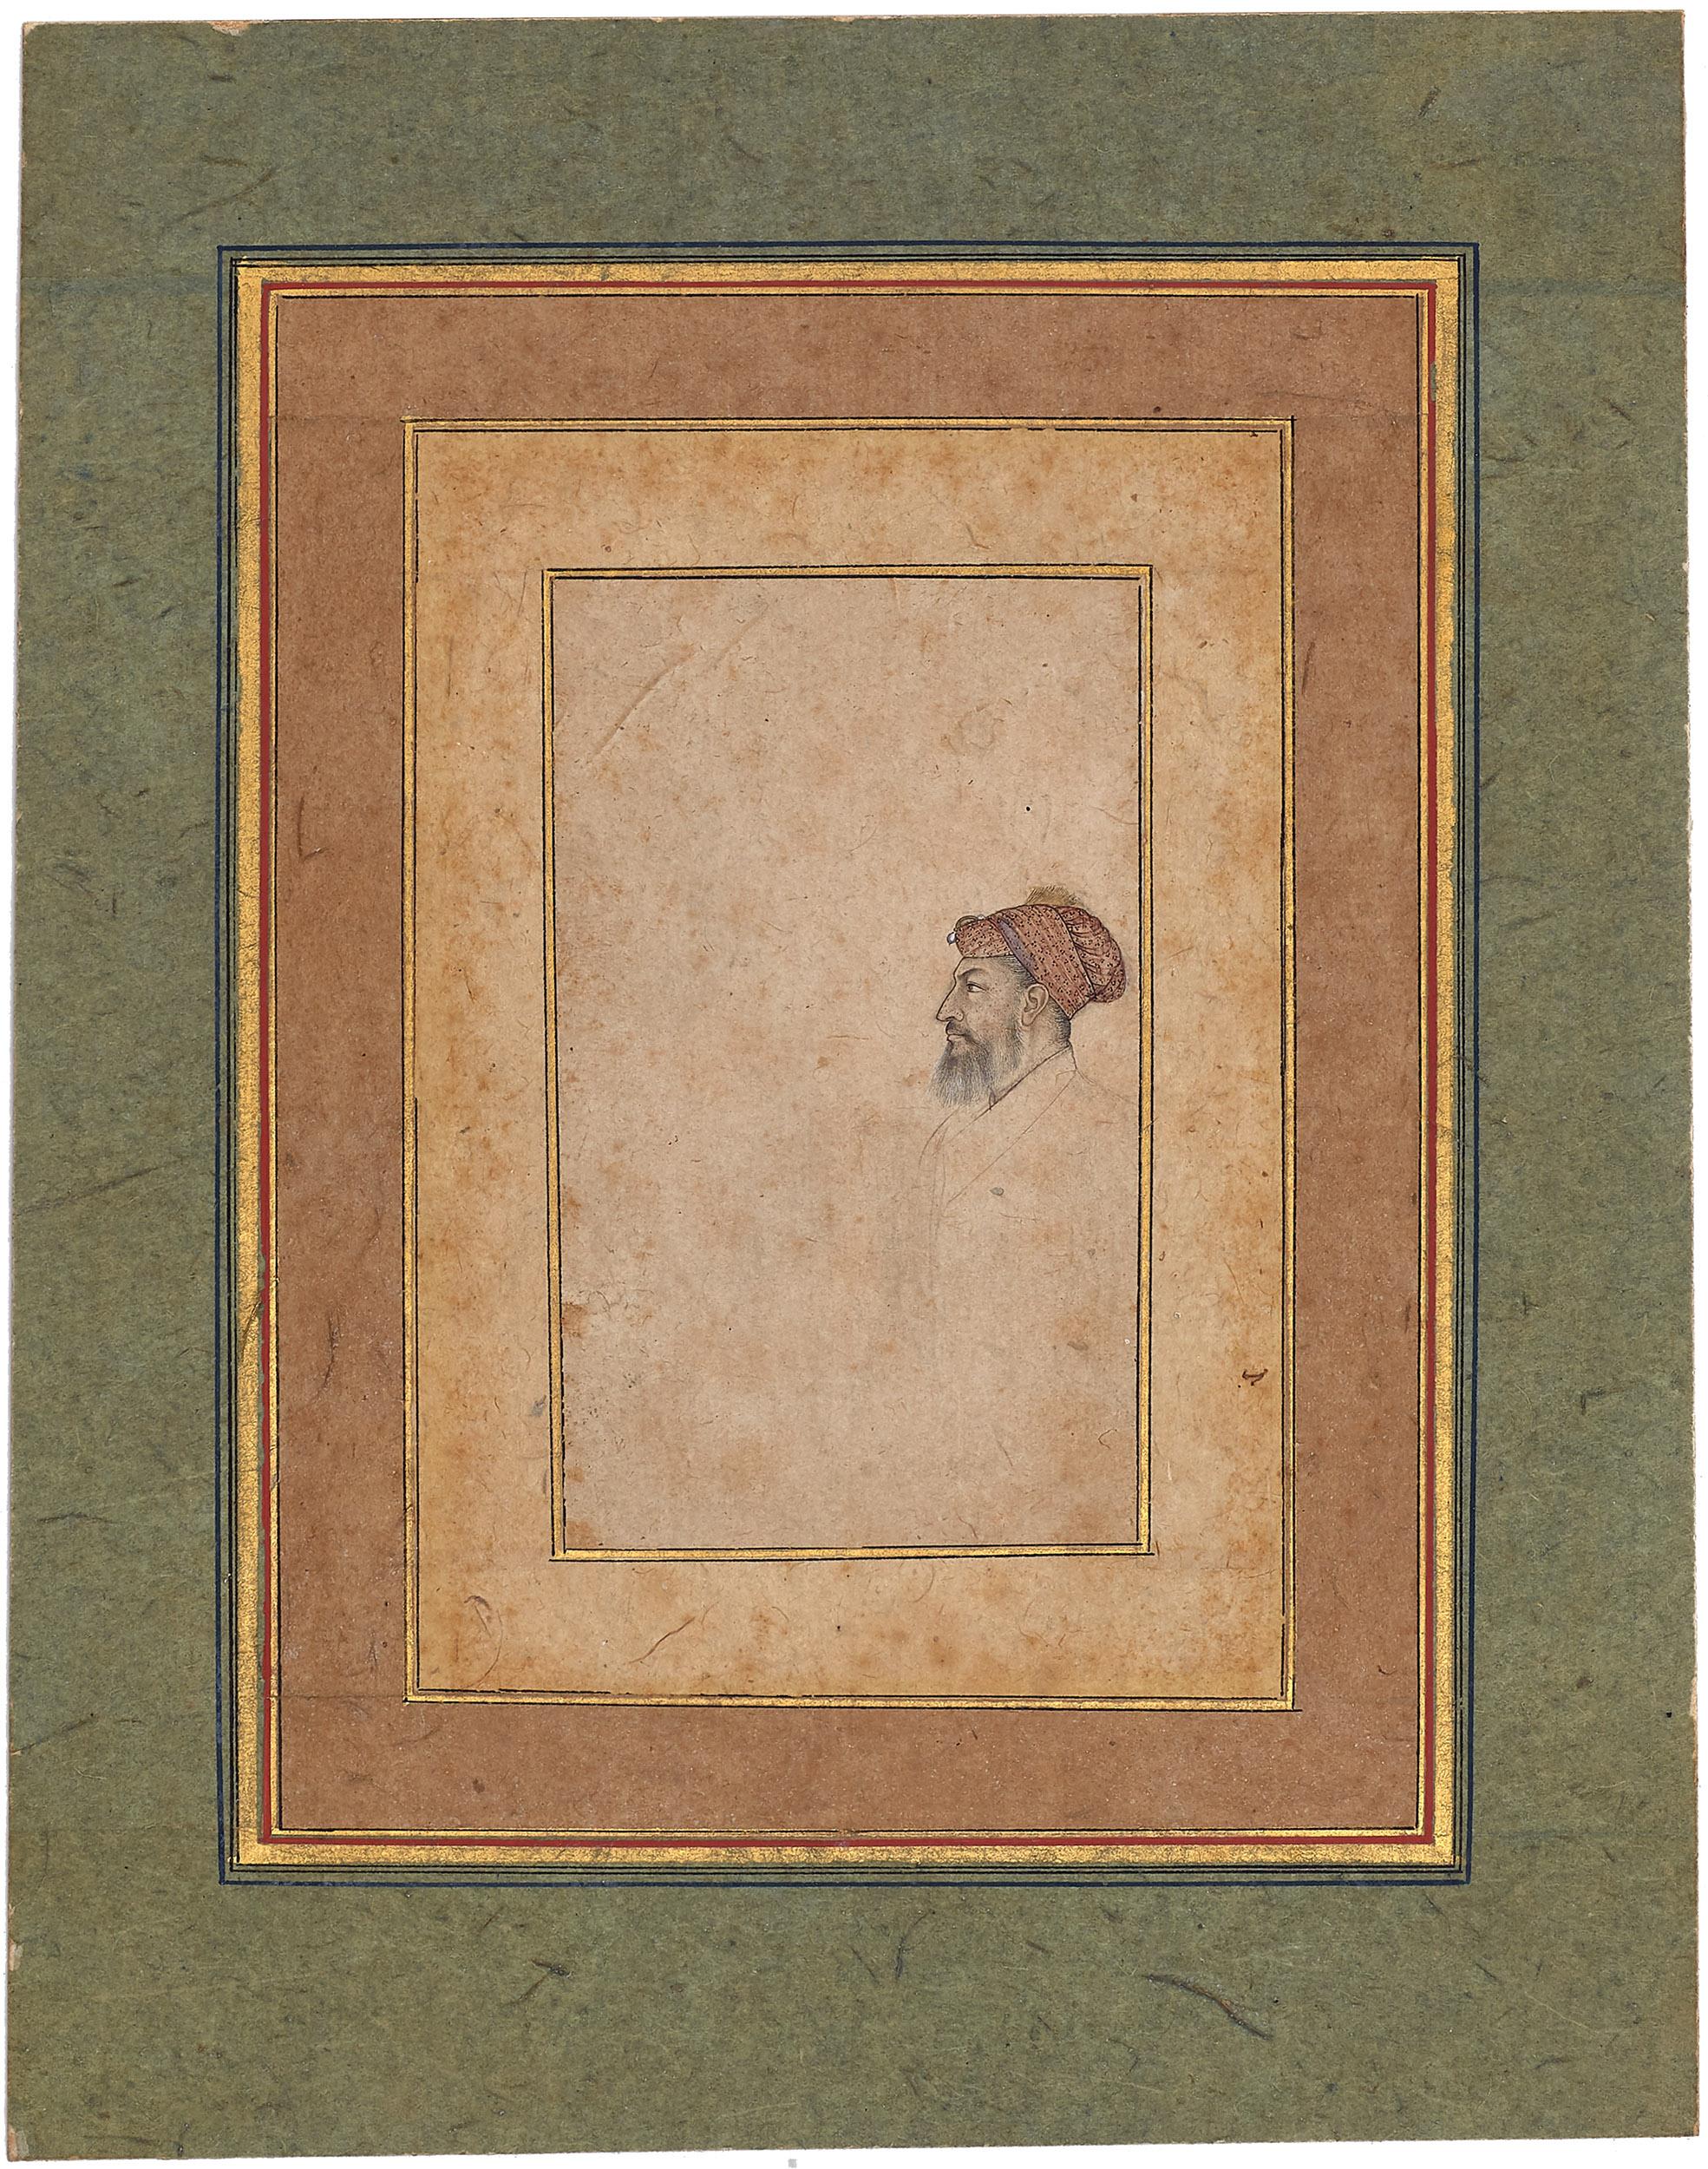 Islam Khan Mashhadi